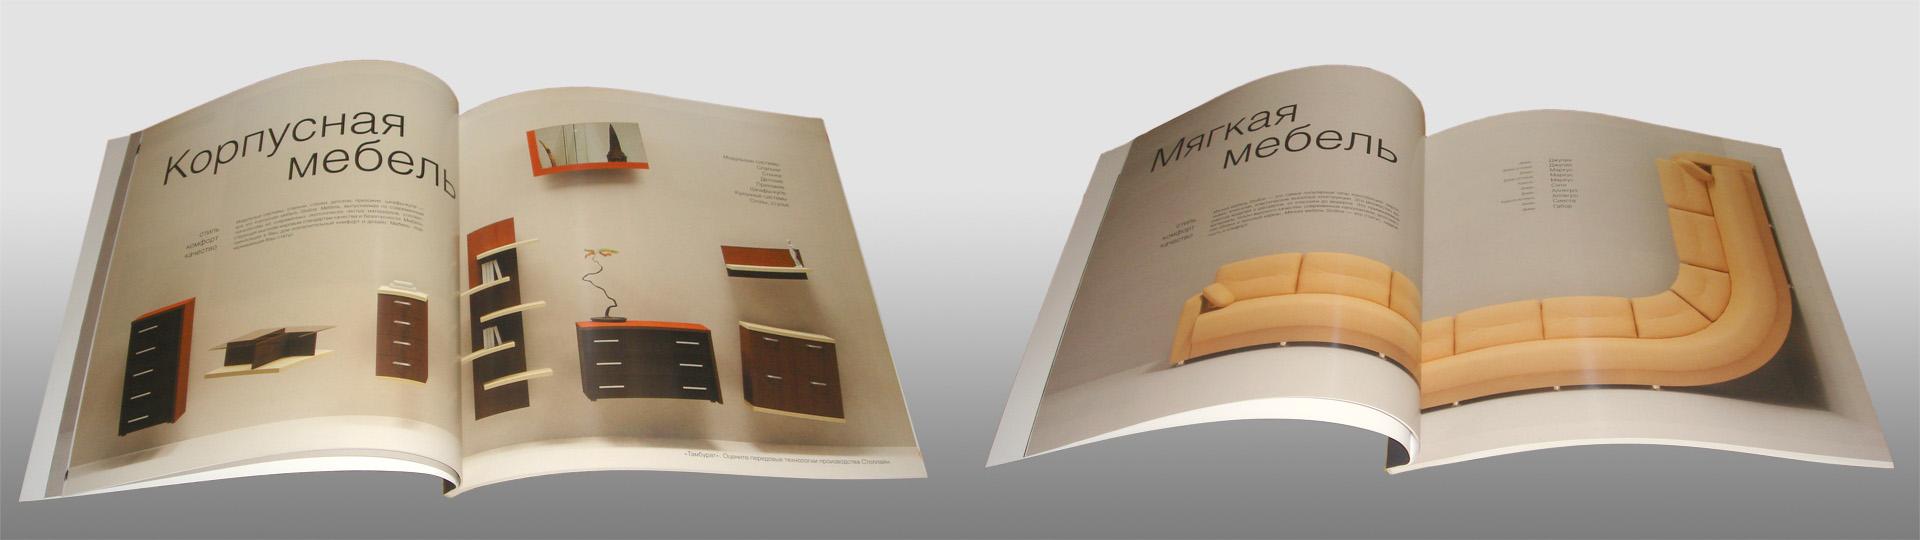 Фотографии разворотов готового каталога